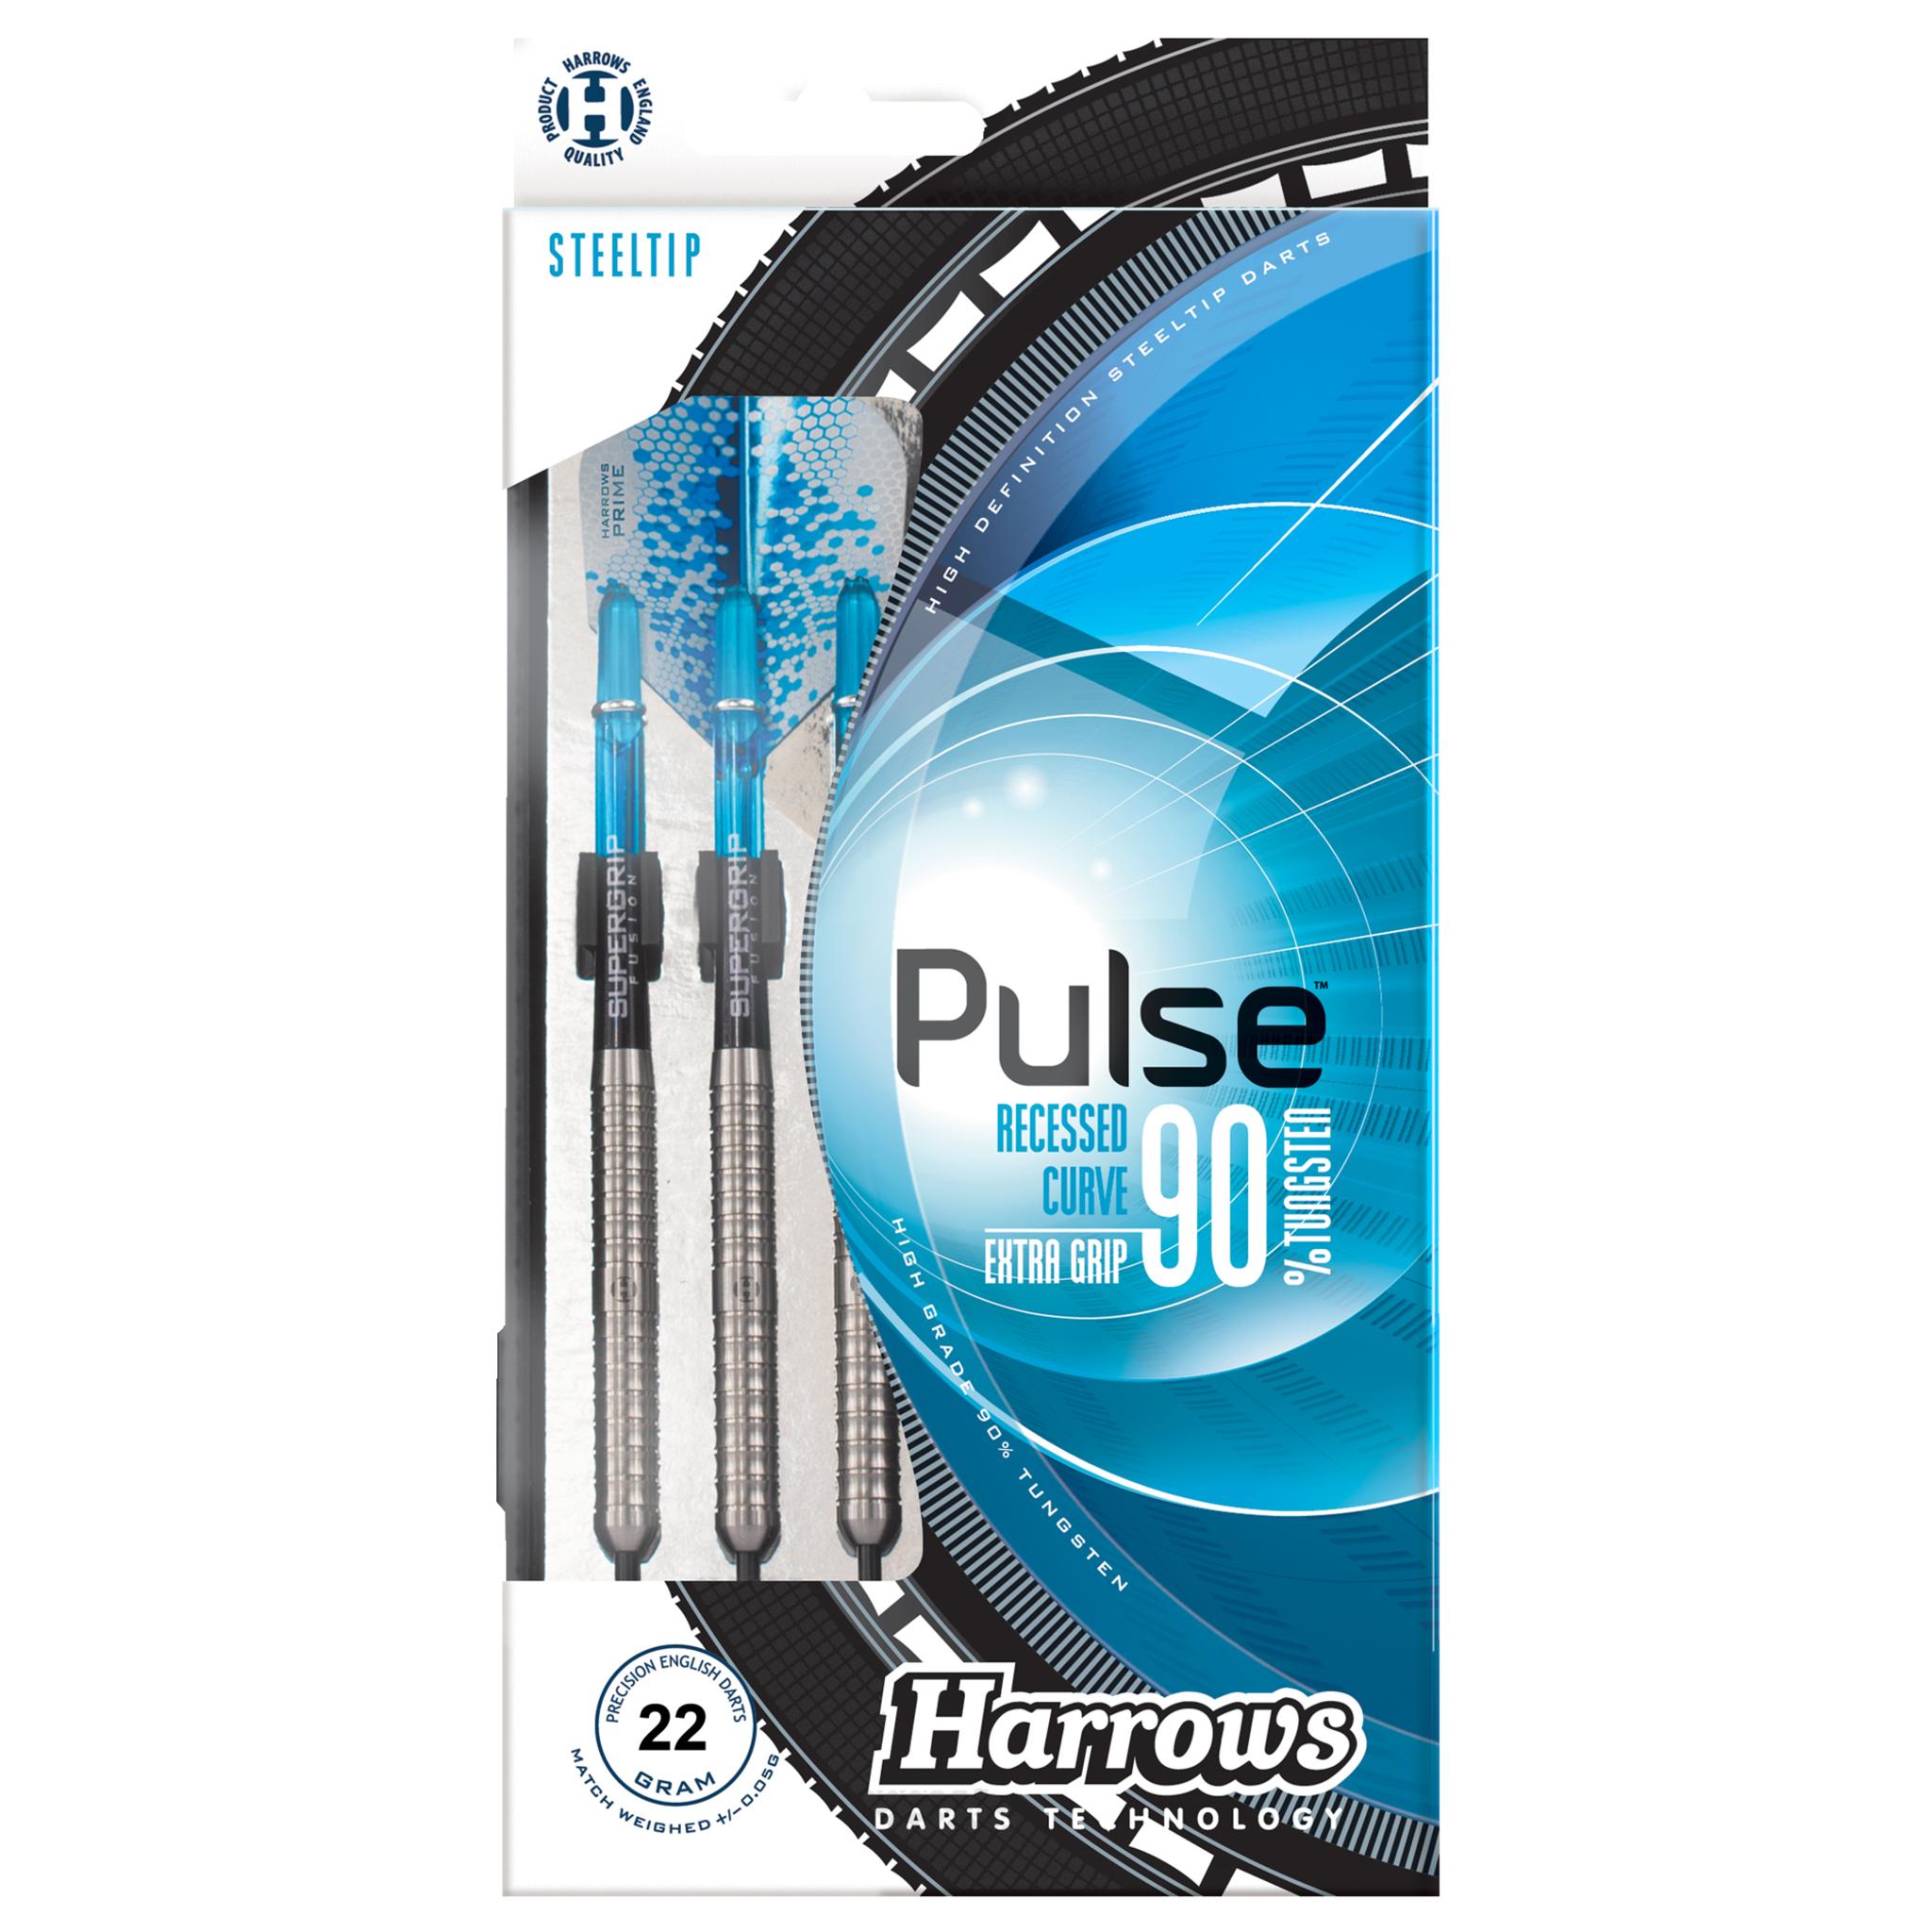 Harrows Pulse, dartpiler